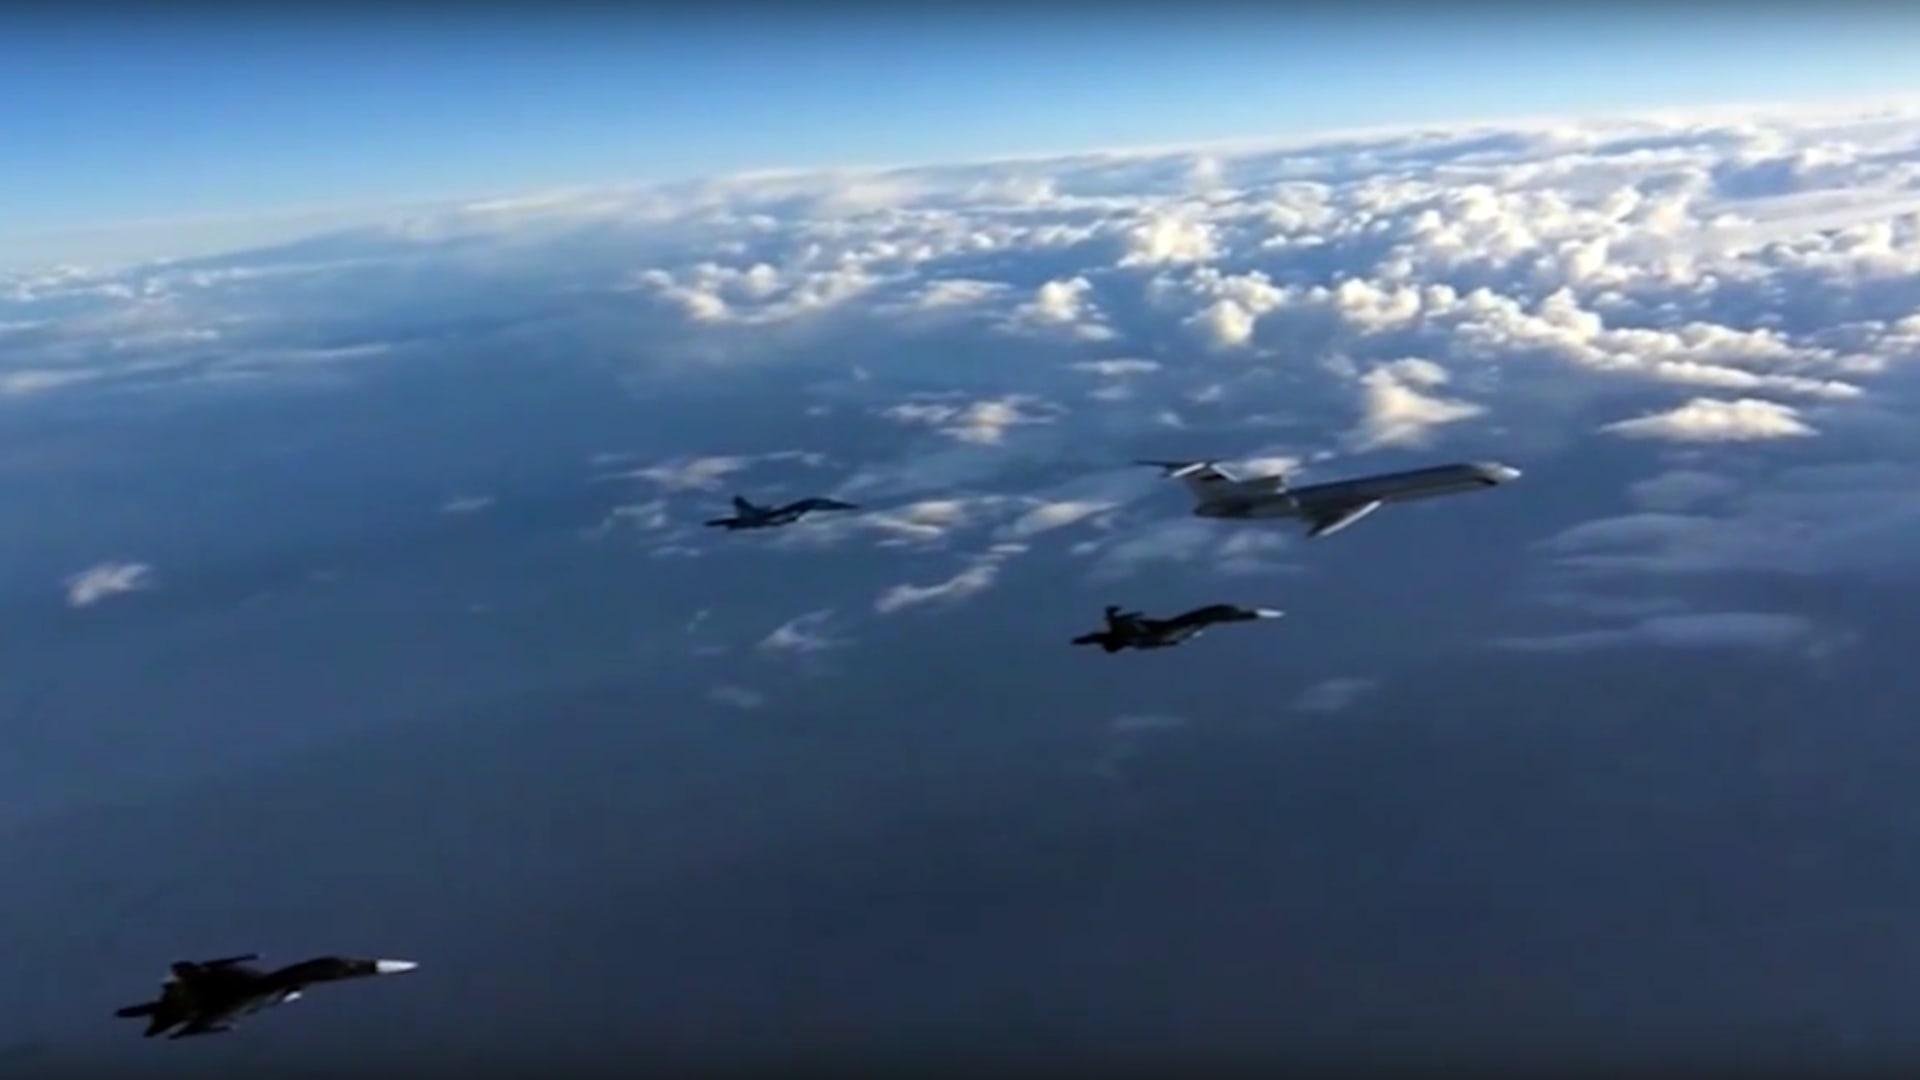 أمريكا: اختراقات روسيا الجوية قد تتسبب بمواجهة في سوريا